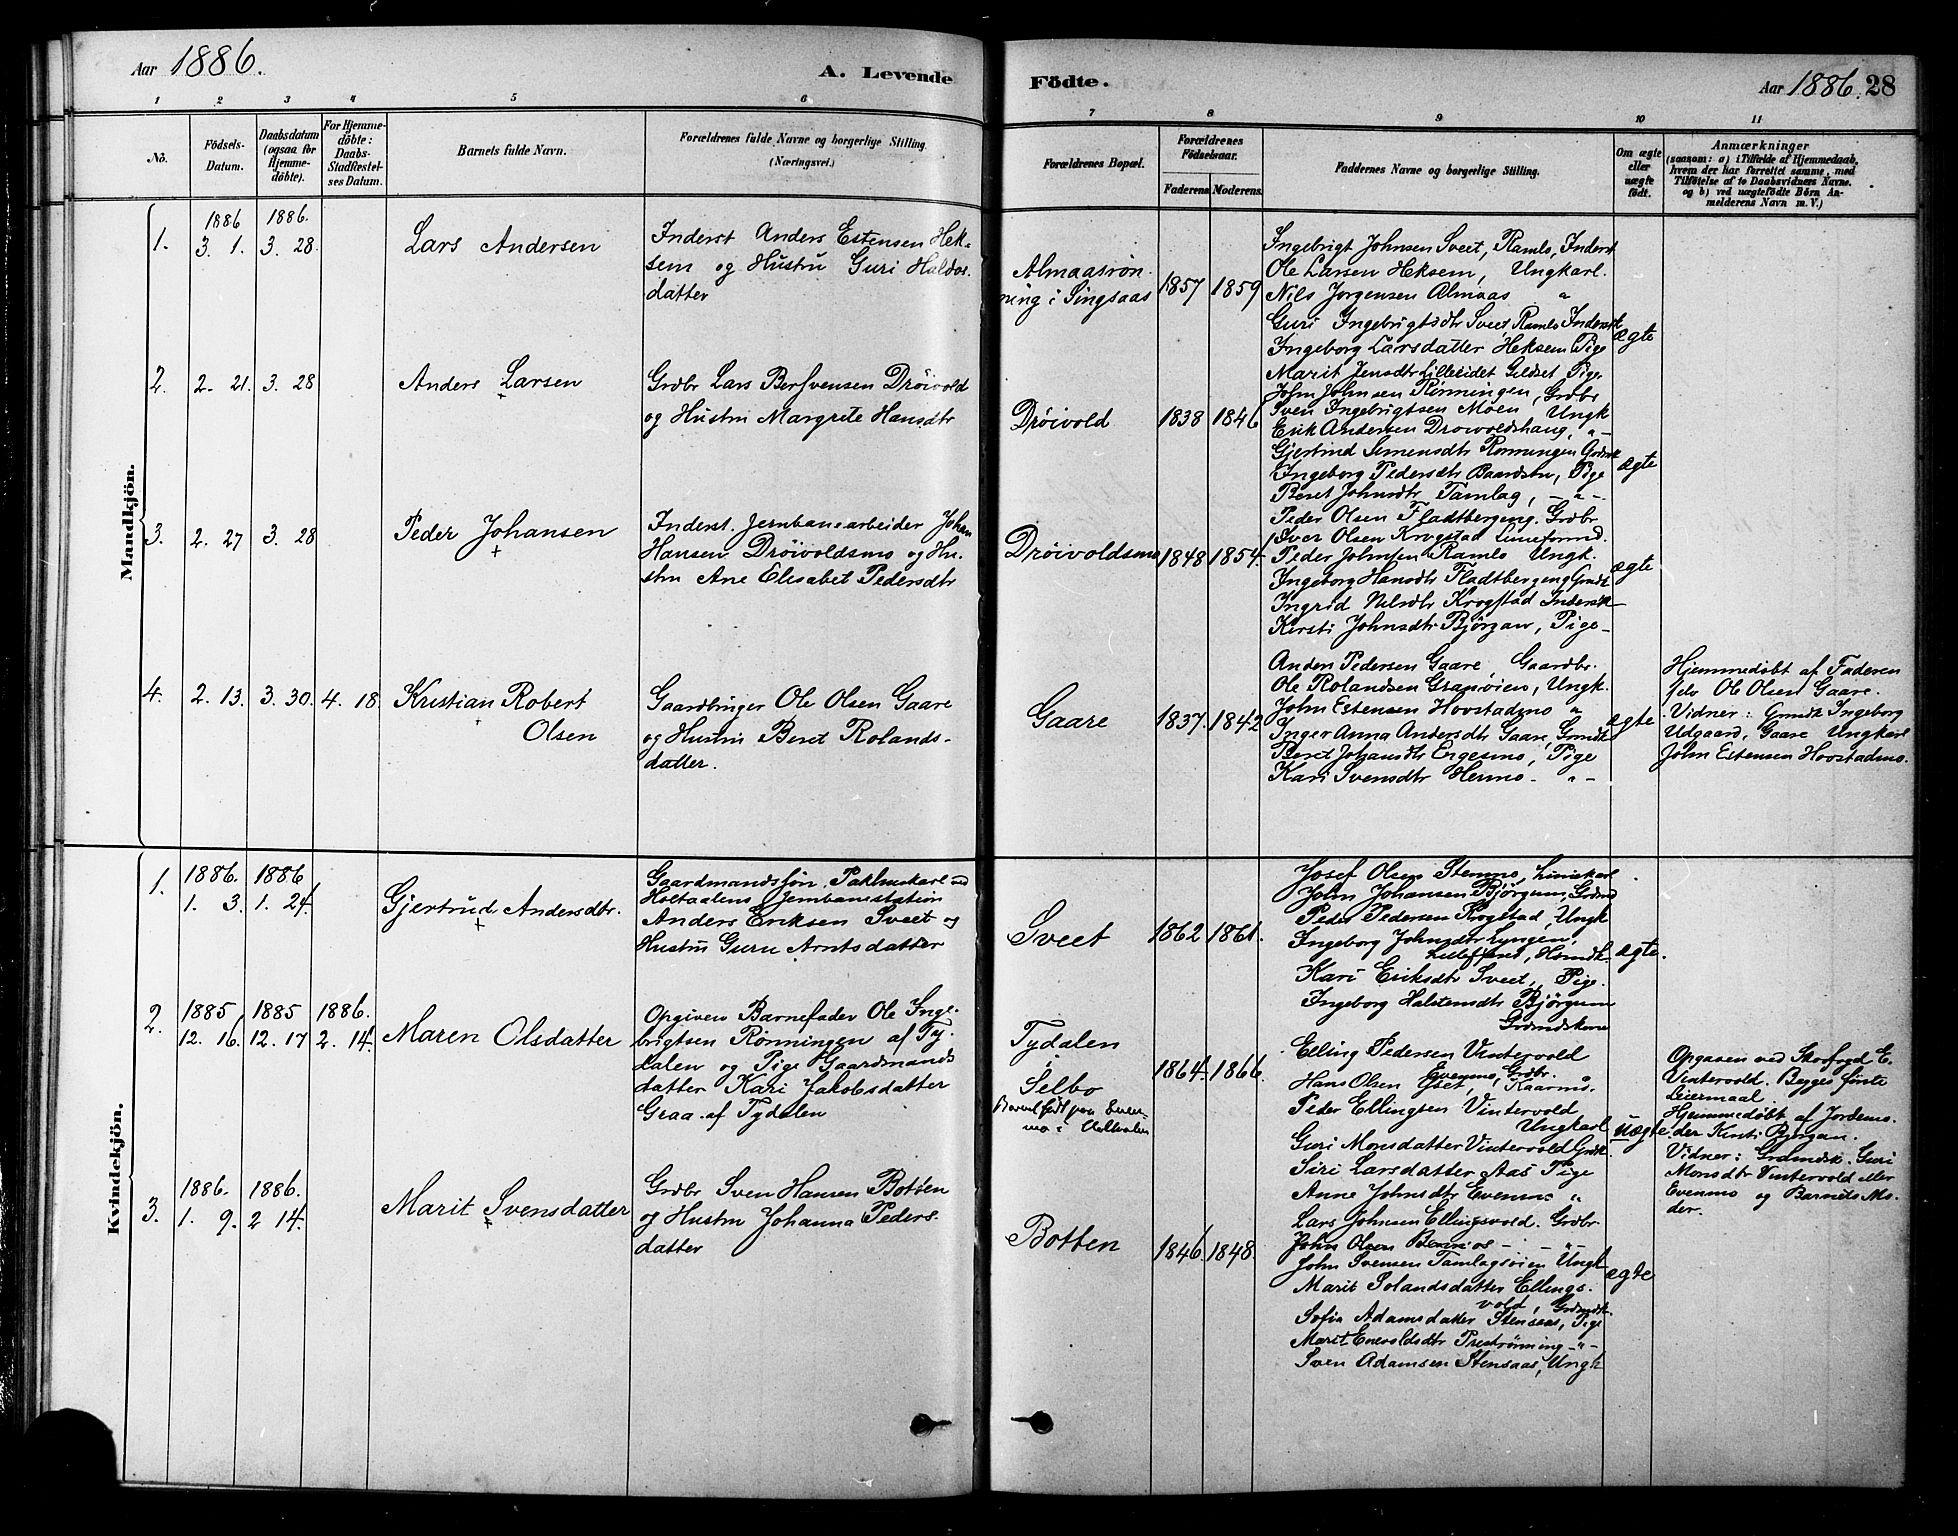 SAT, Ministerialprotokoller, klokkerbøker og fødselsregistre - Sør-Trøndelag, 685/L0972: Ministerialbok nr. 685A09, 1879-1890, s. 28